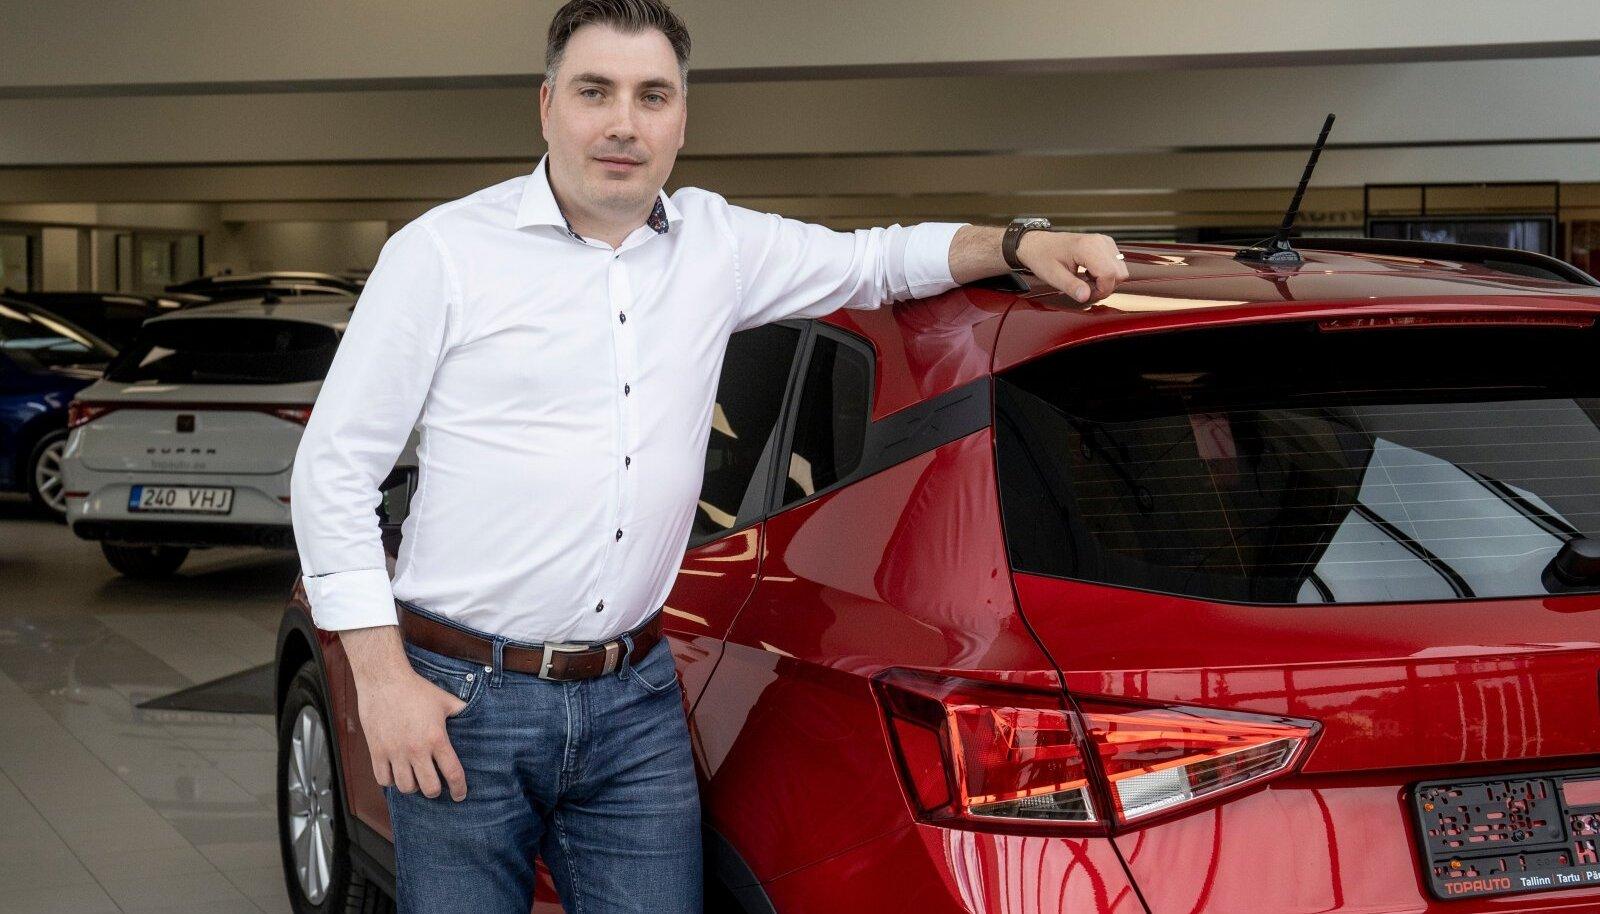 Janek Eskori sõnul on nad ka ise näinud, et sõidukite sisseost ja väljamüük käib väga kiiresti